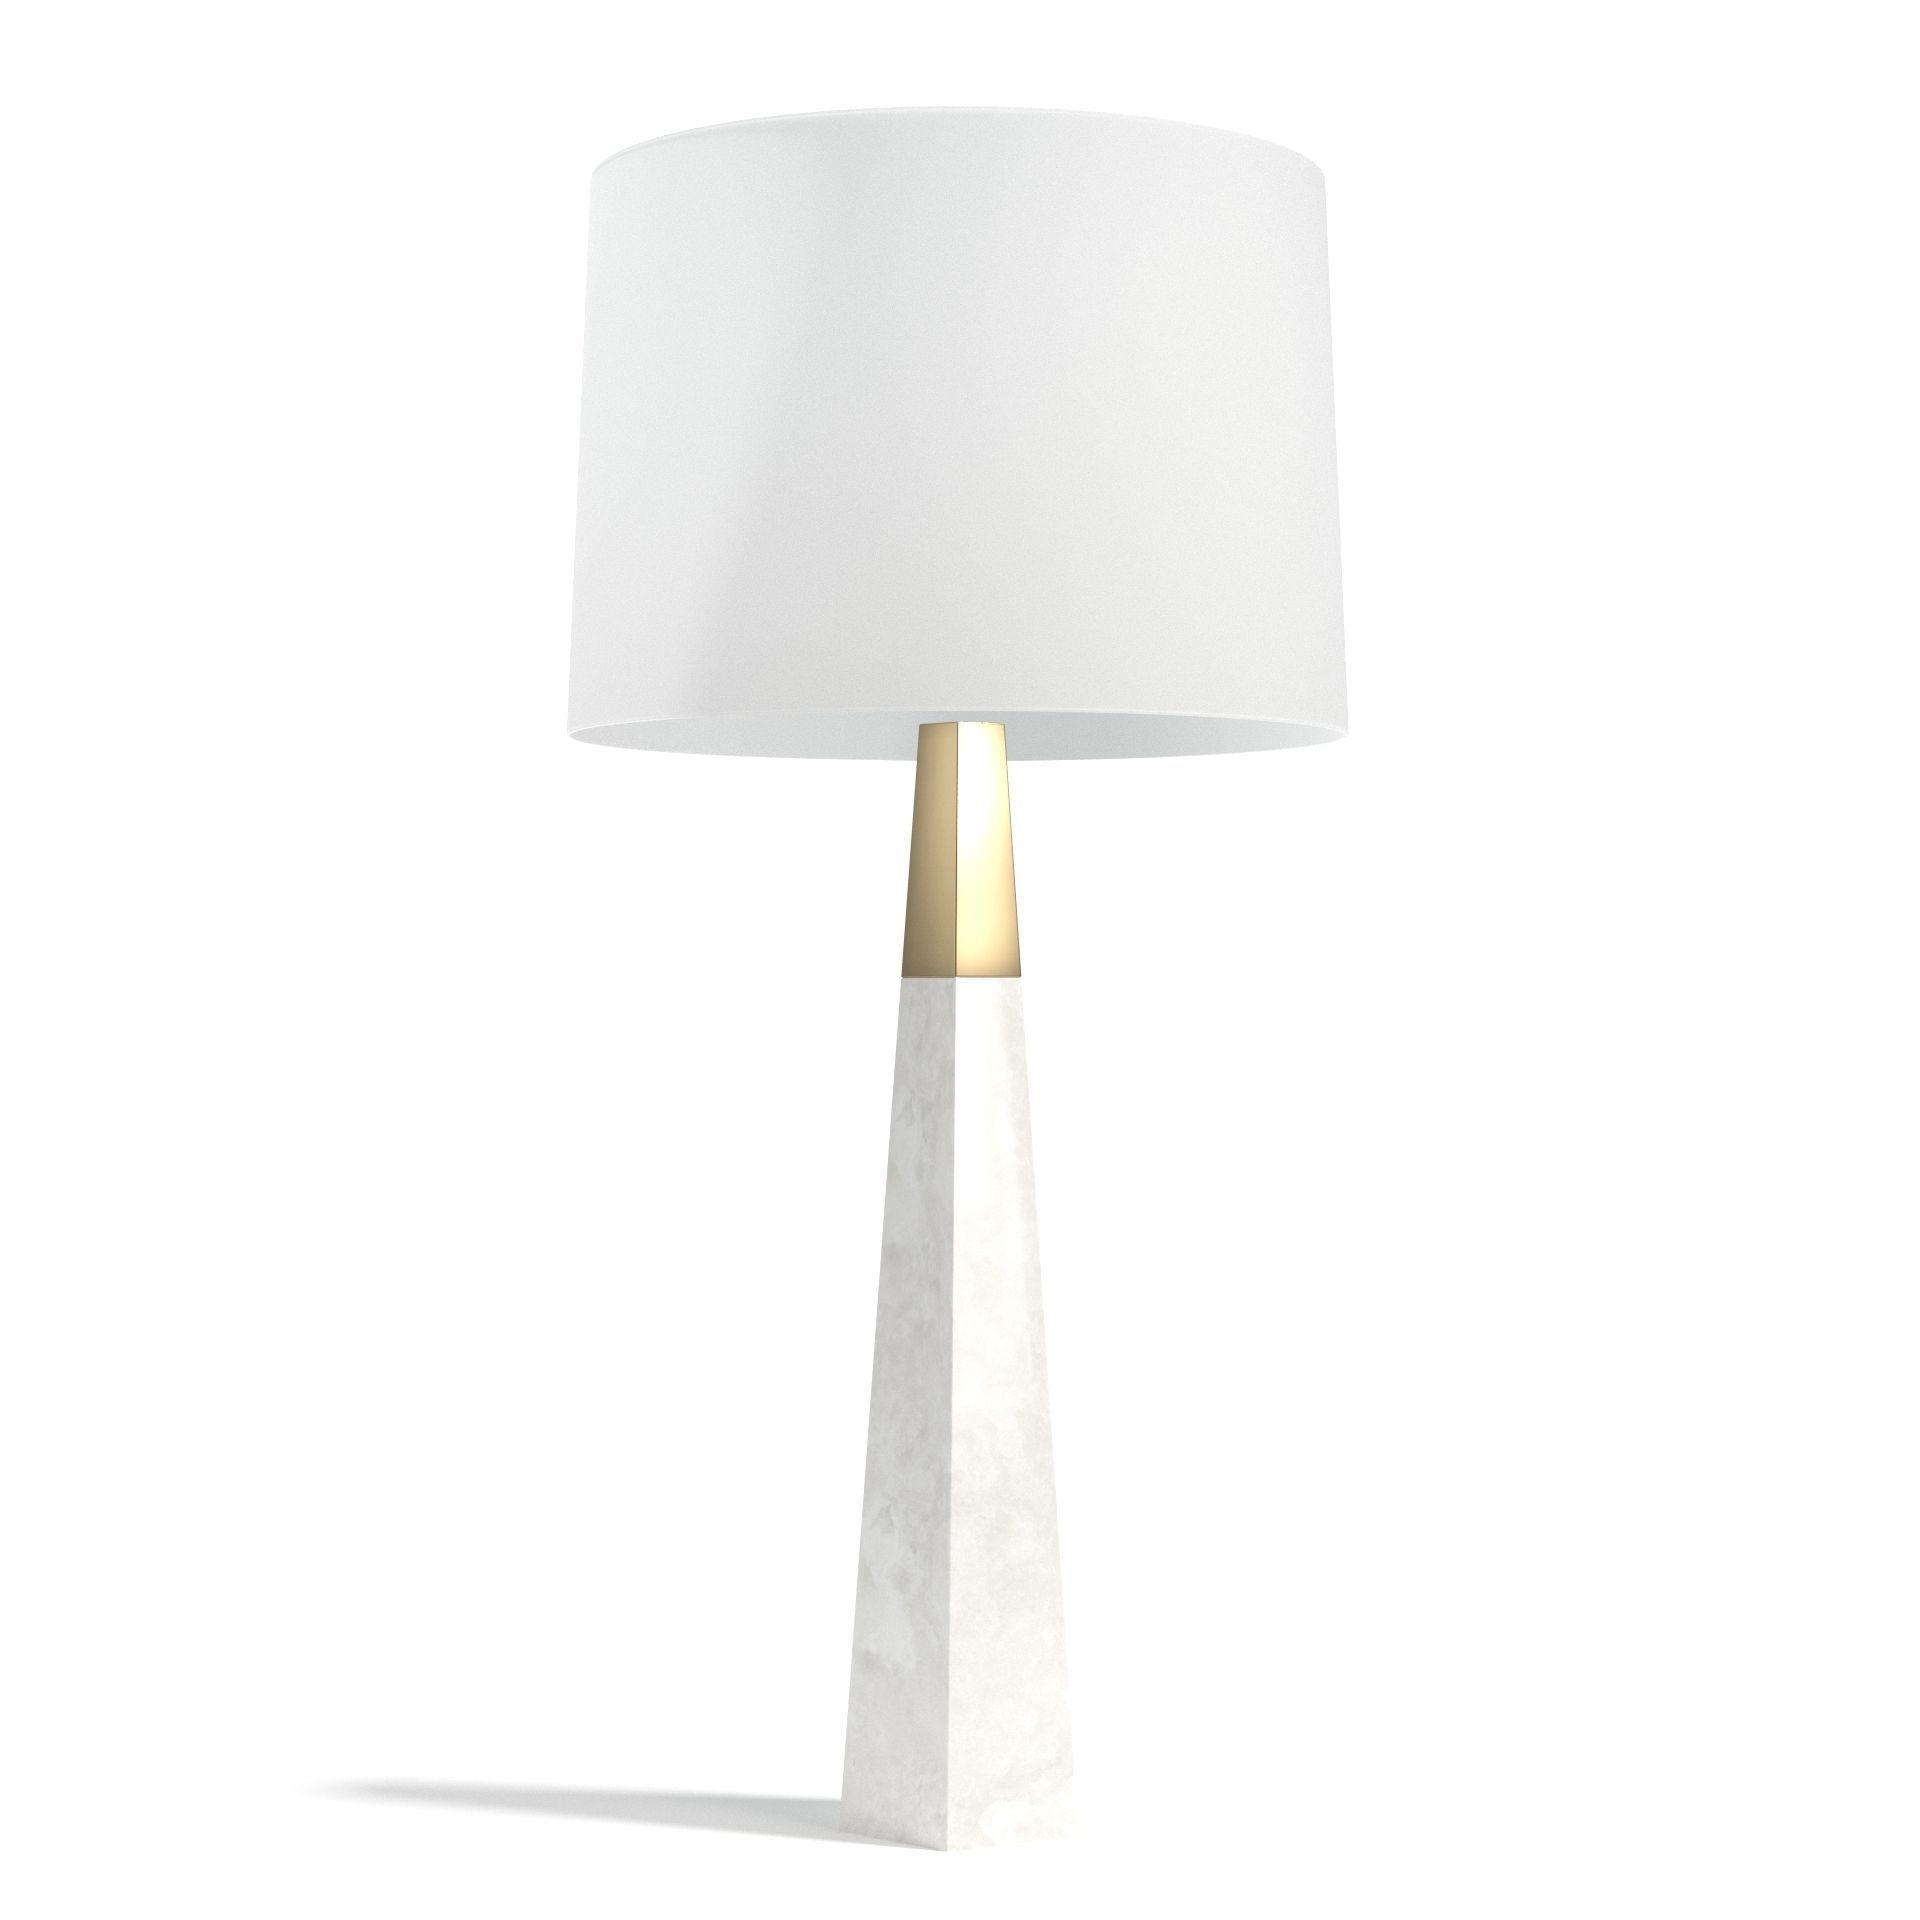 Circa Lighting Olsen Table Lamp Model